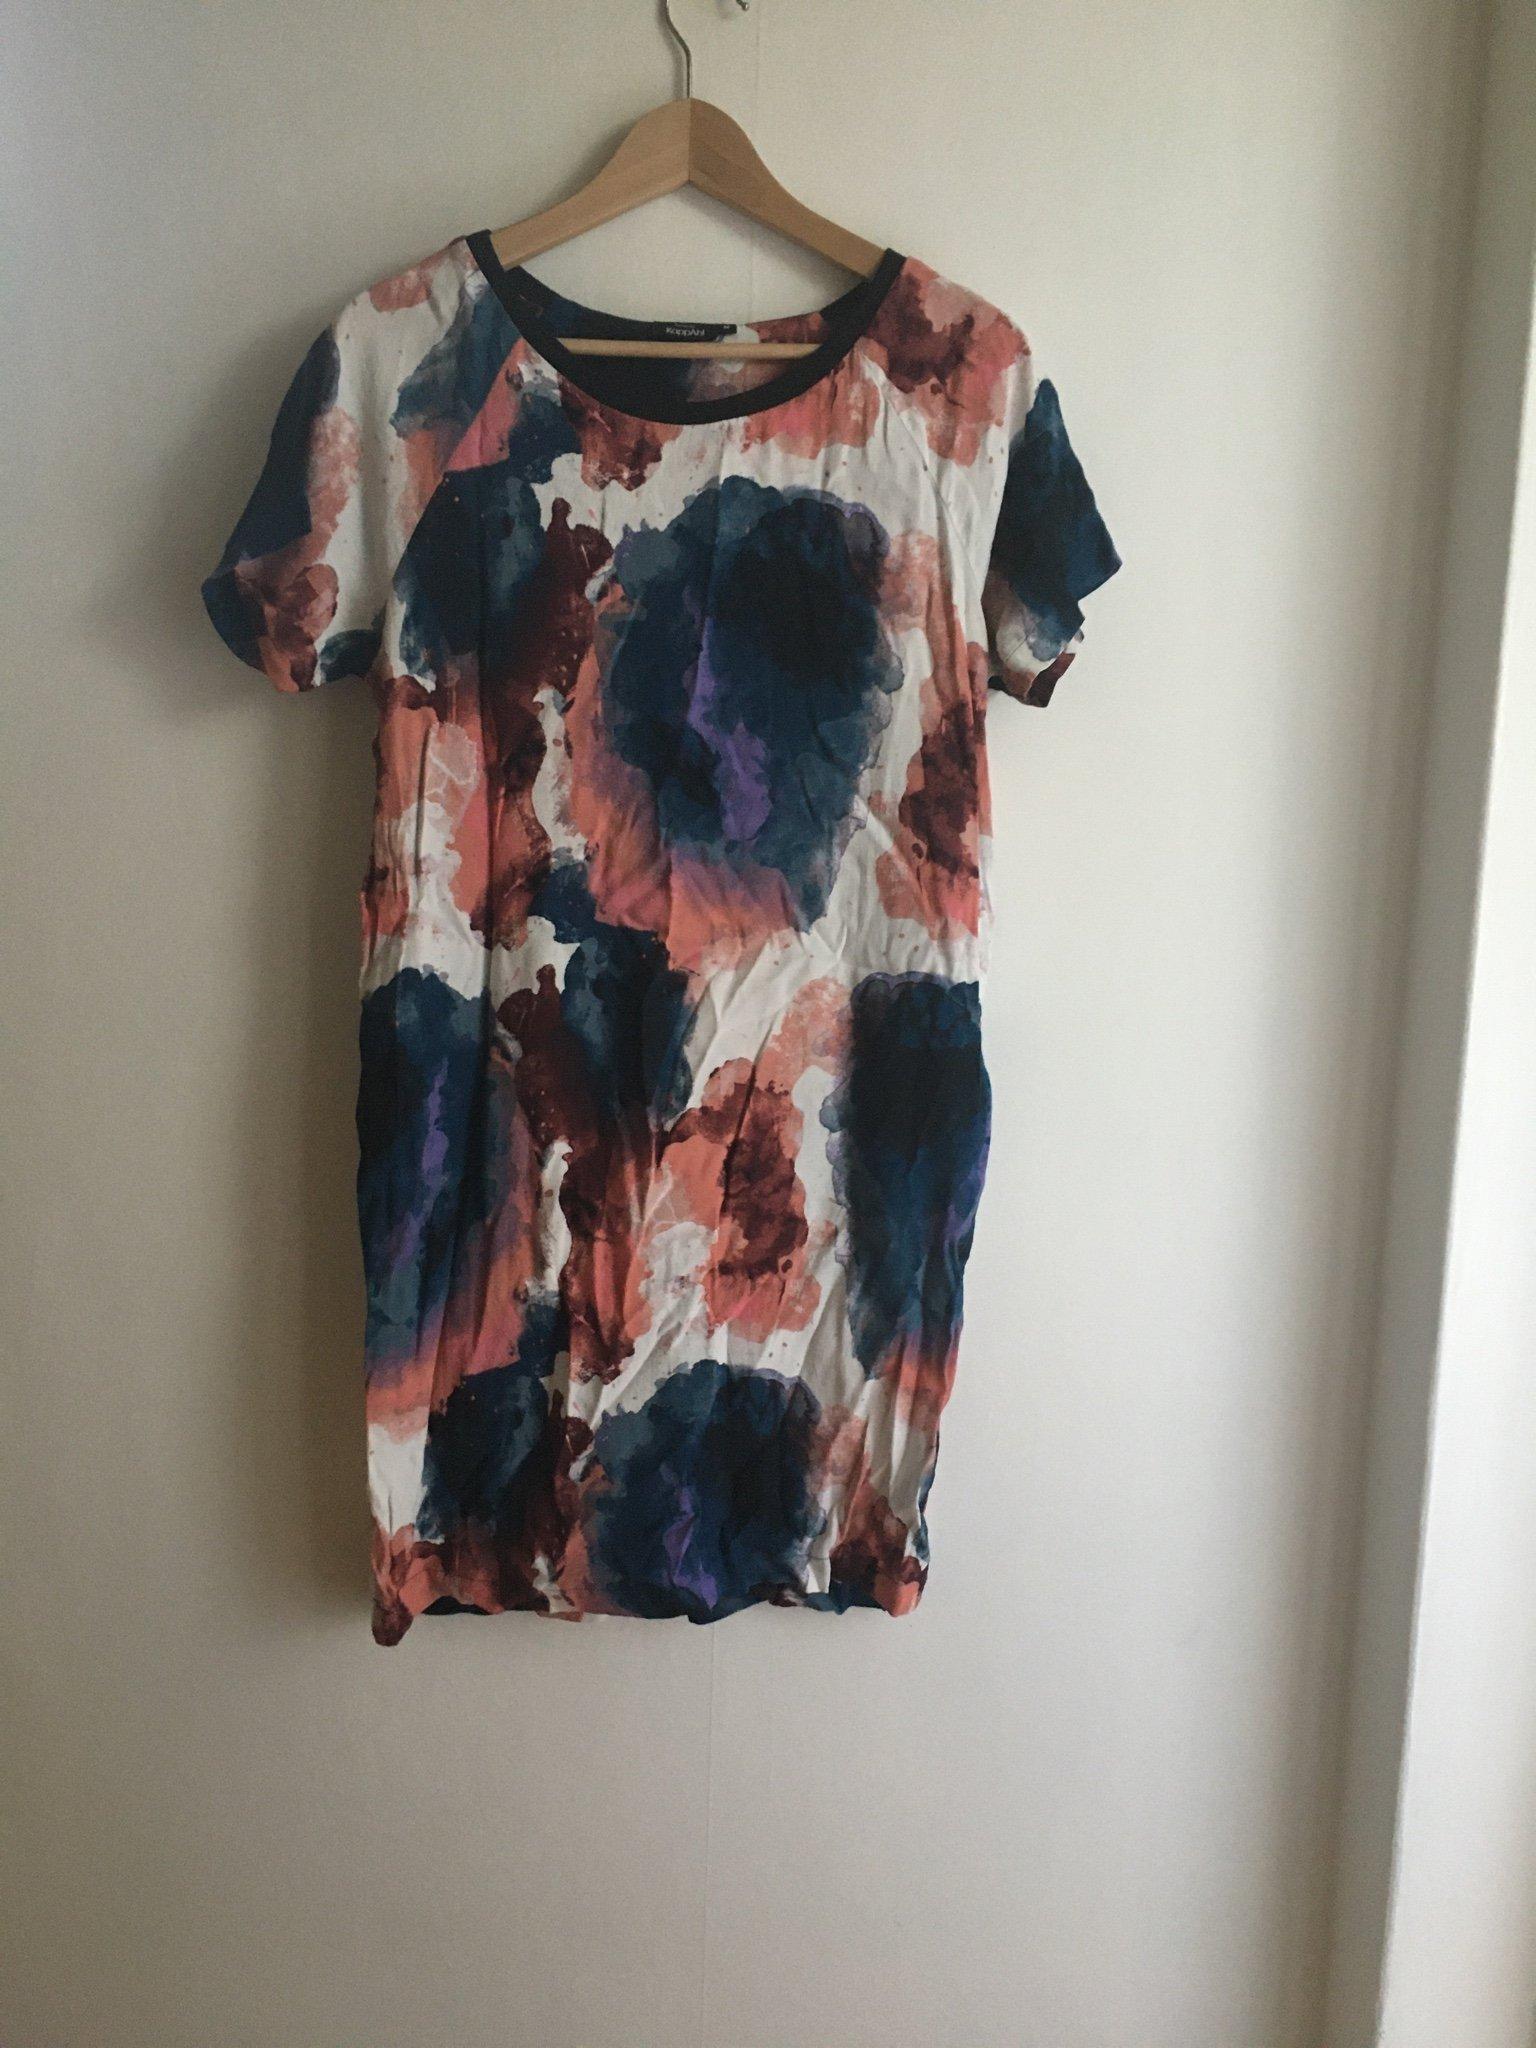 Batikmönstrad längre tröjaklänning (409839276) ᐈ Köp på